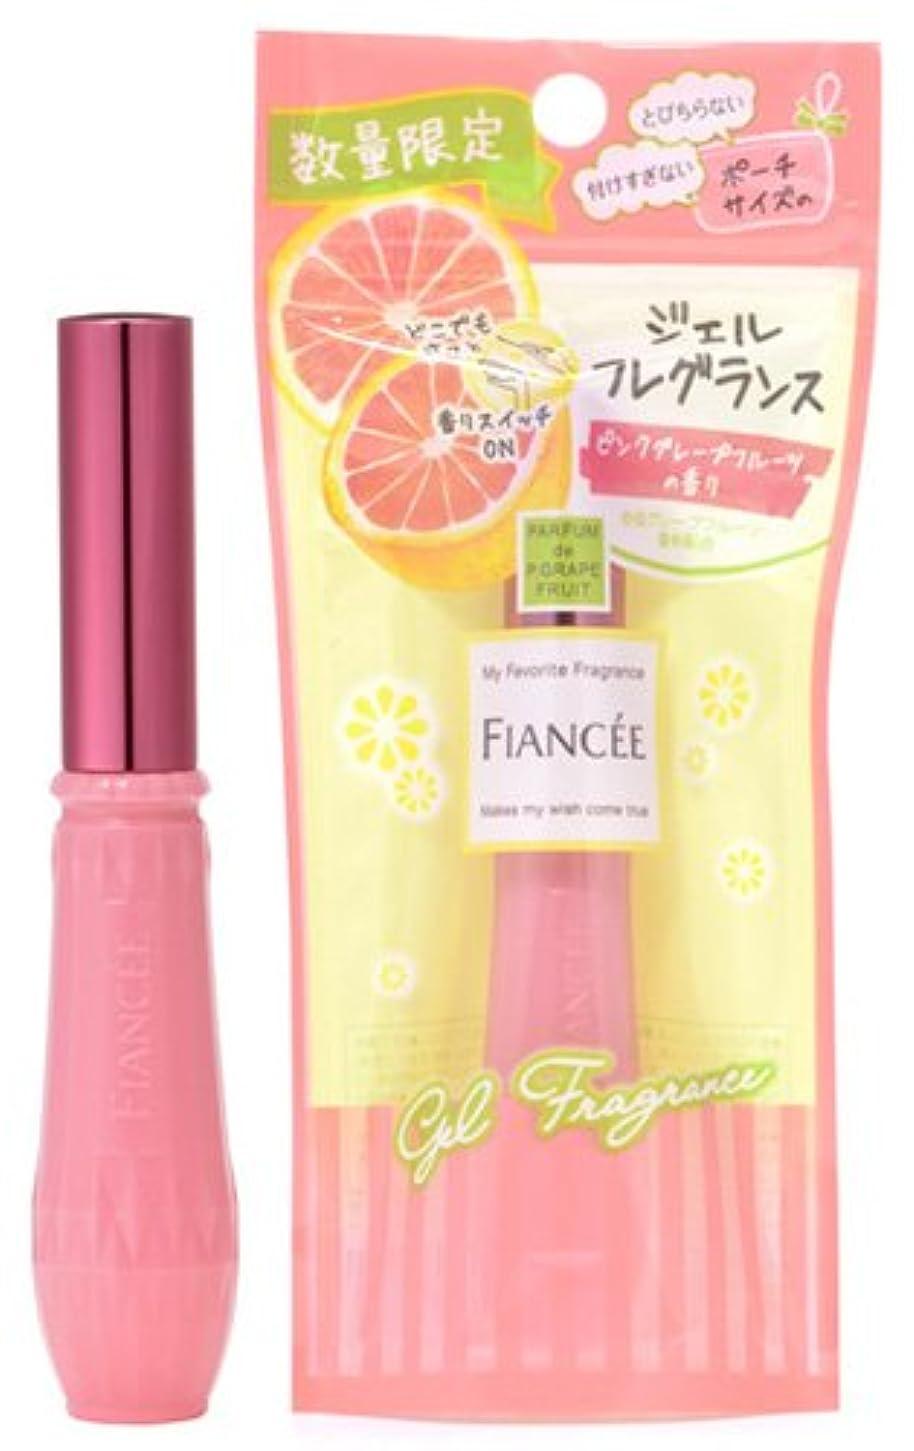 夜明けに業界はぁフィアンセ ジェルフレグランス ピンクグレープフルーツの香り